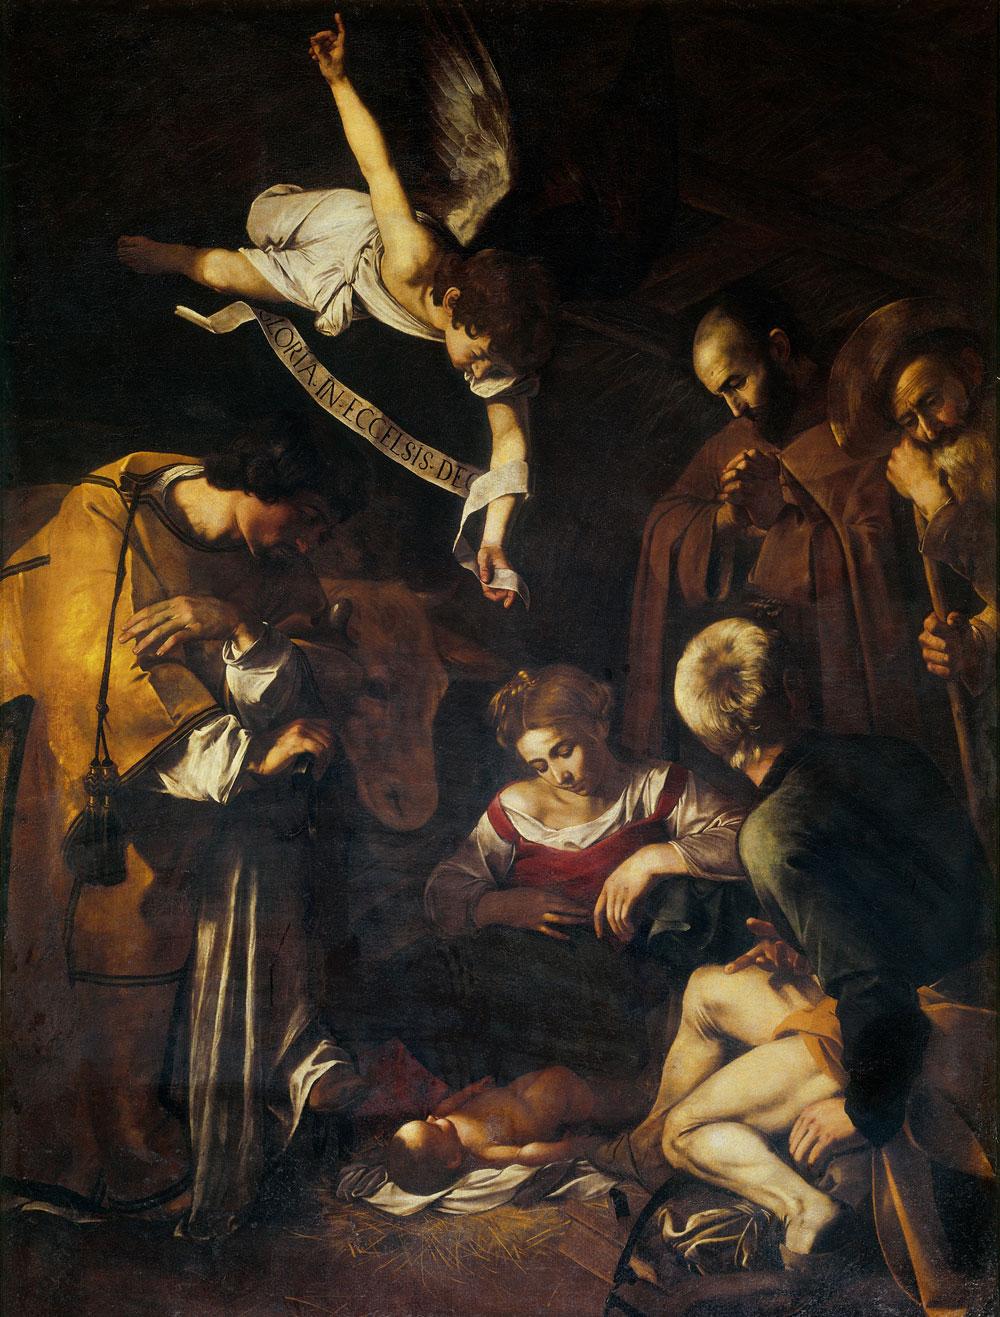 """Sgarbi: """"La Natività di Caravaggio non è stata rubata dalla mafia. E presto riapparirà"""""""